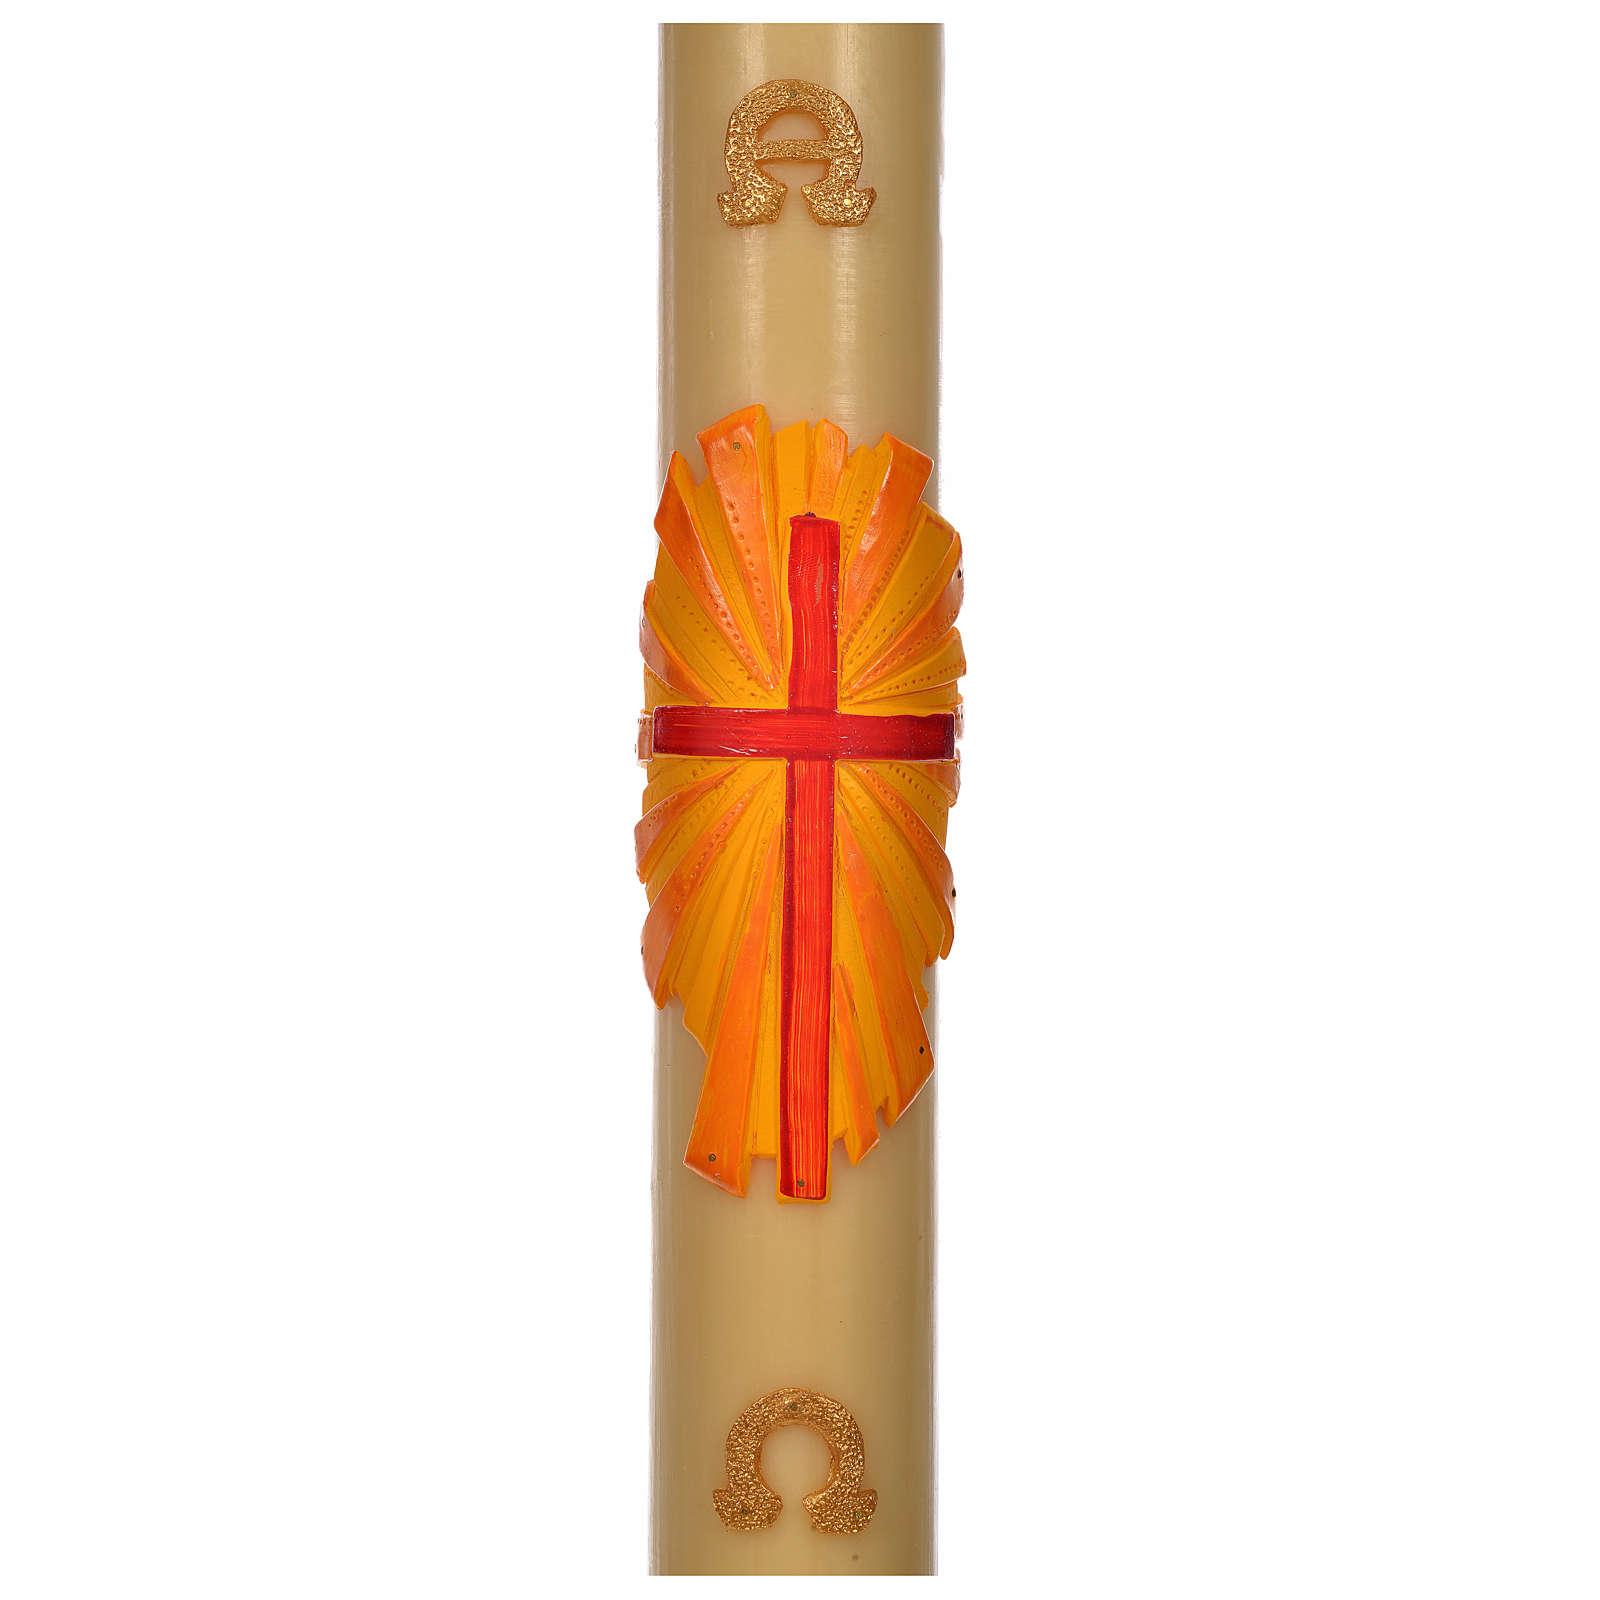 Cierge Pascal cire d'abeille croix fond jaune 8x120cm 3